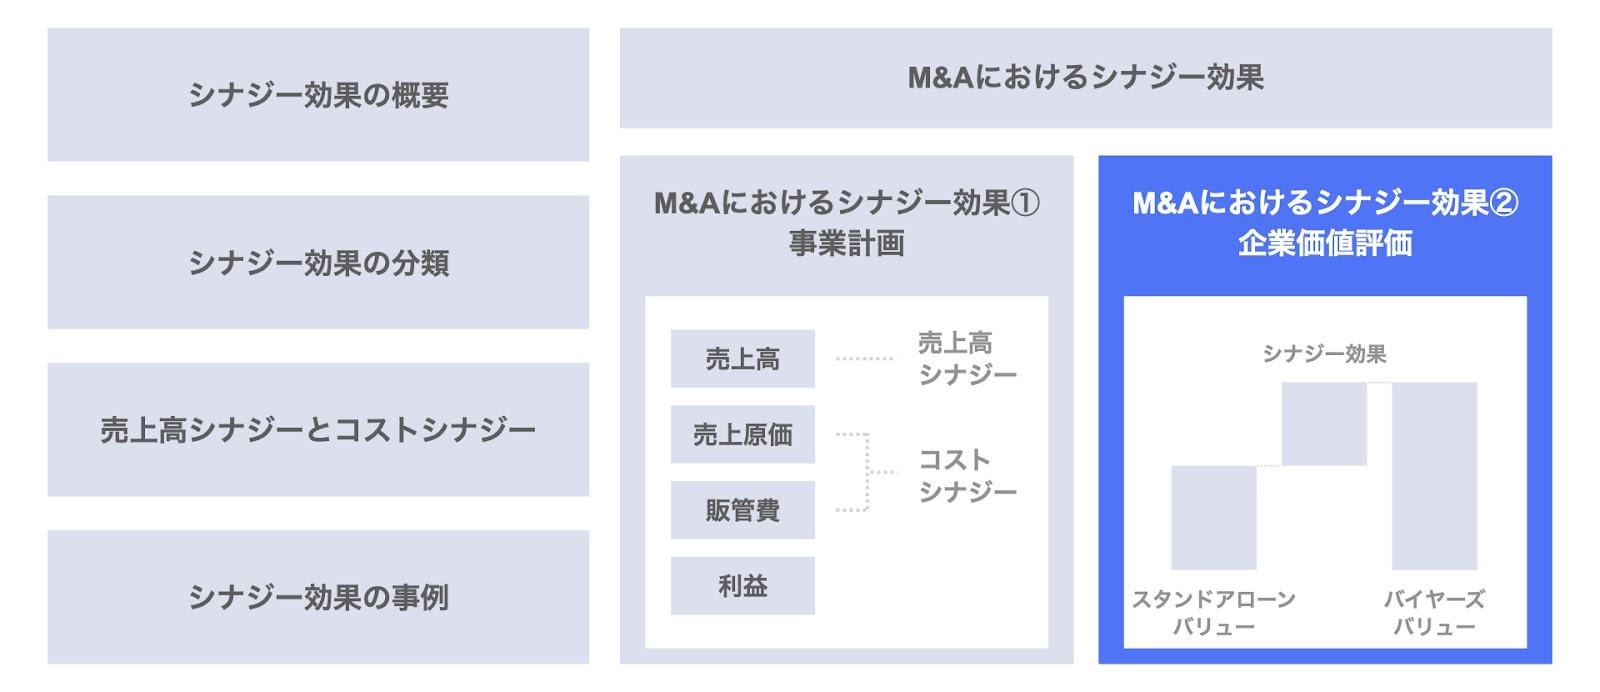 M&Aにおけるシナジー効果② 企業価値評価